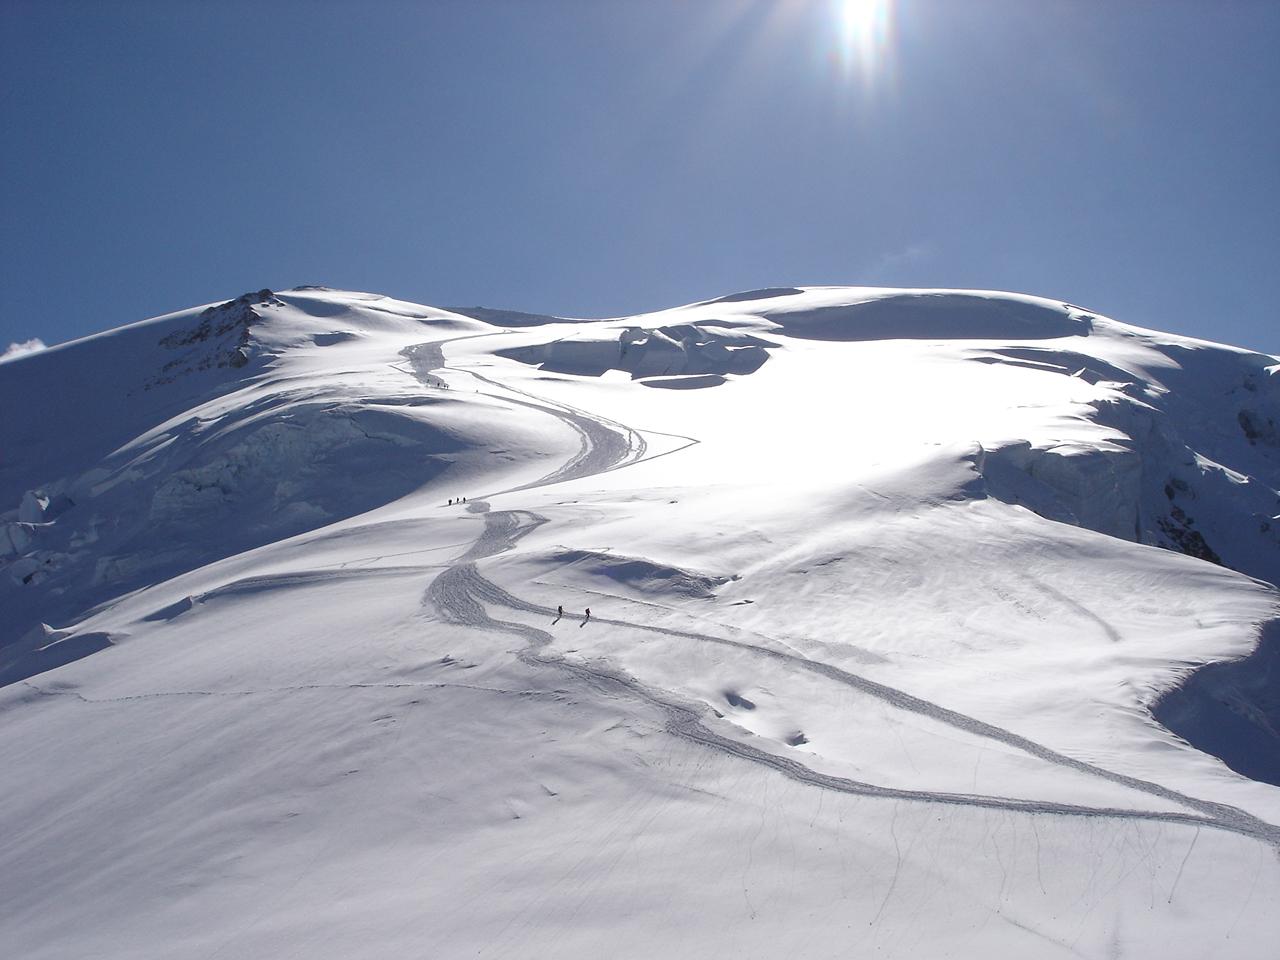 Elicottero Monte Bianco : Monte bianco parapendio precipita dopo incidente